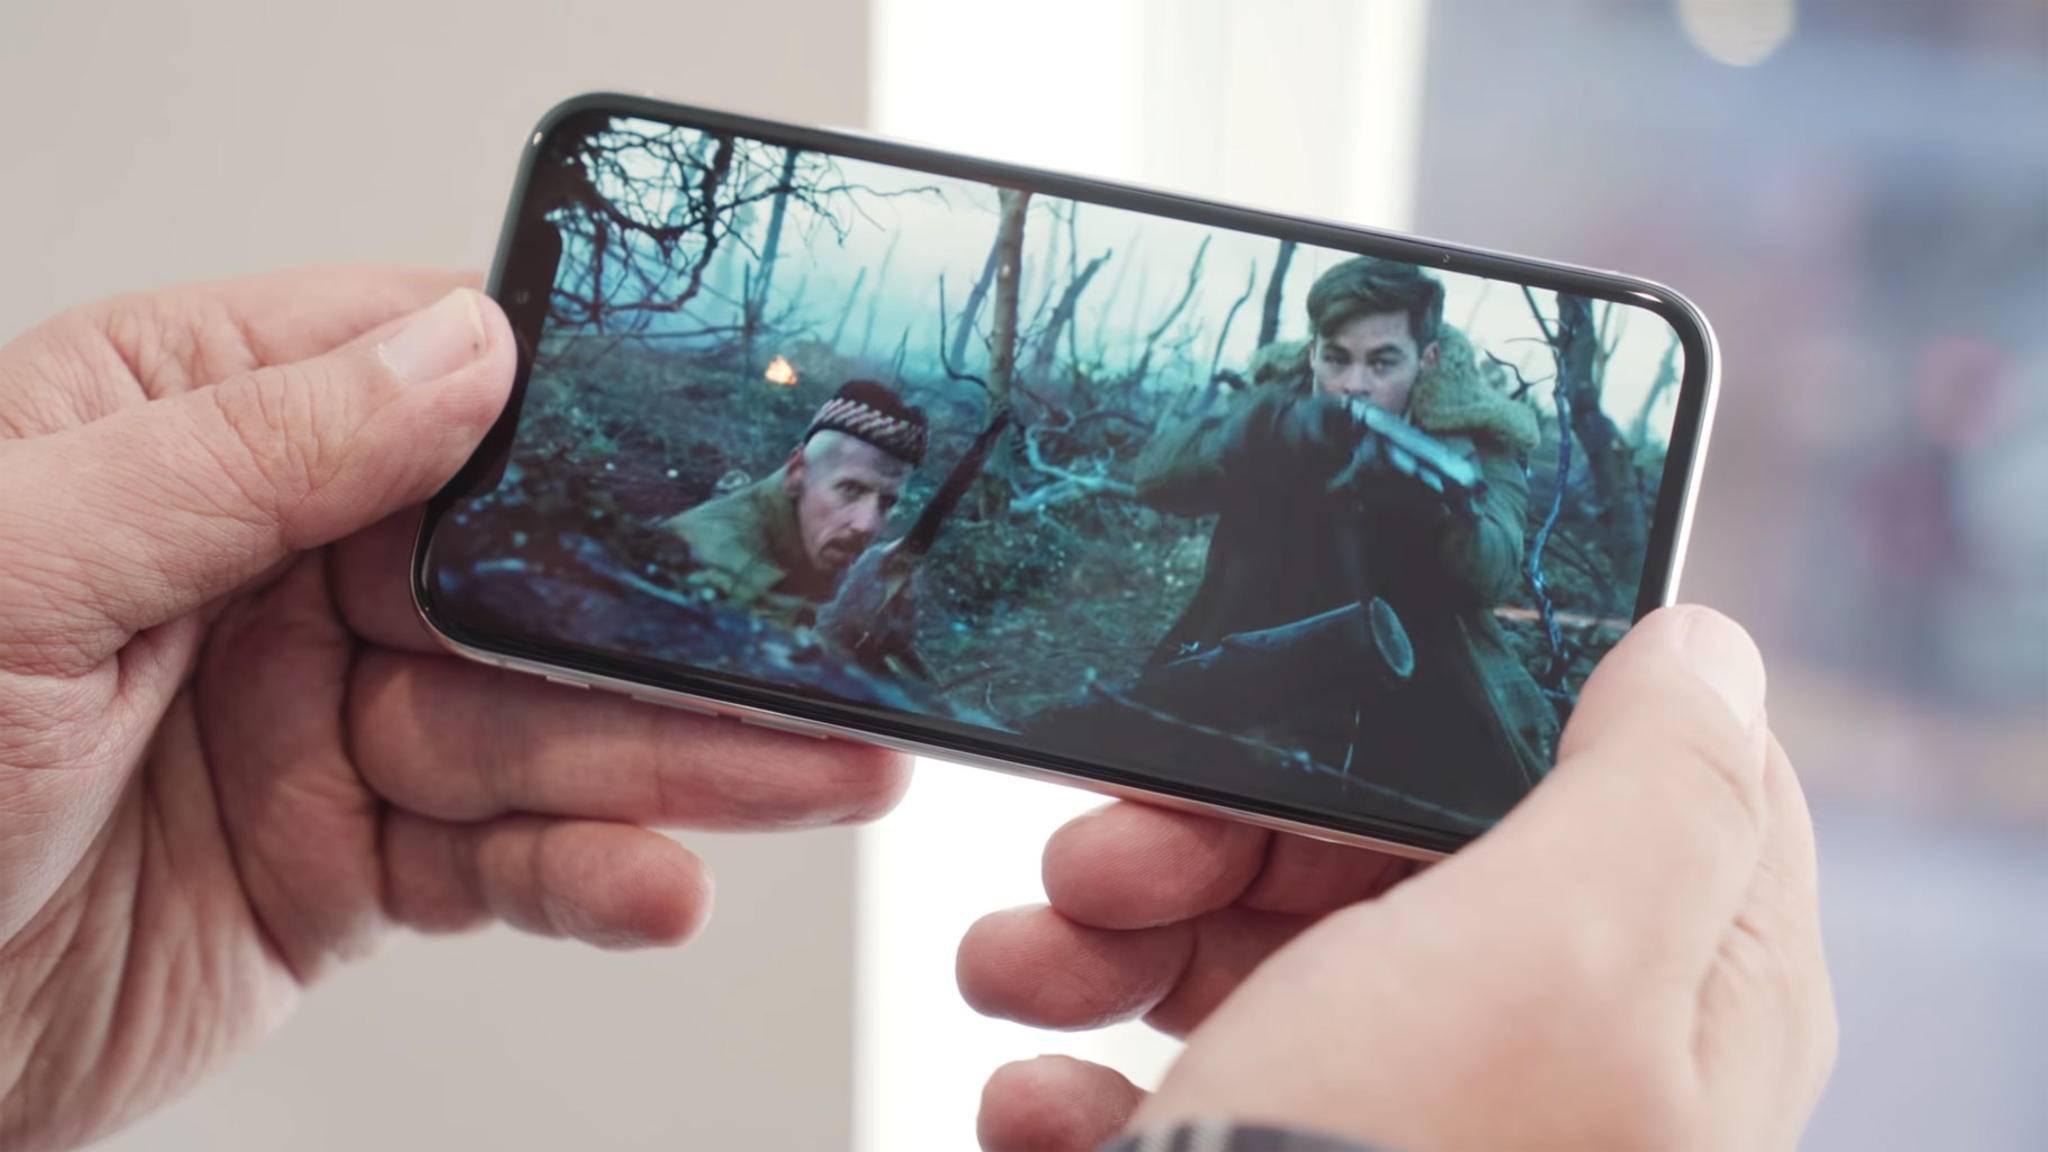 Mit HEVC werden Videos auf dem iPhone deutlich effizienter komprimiert.